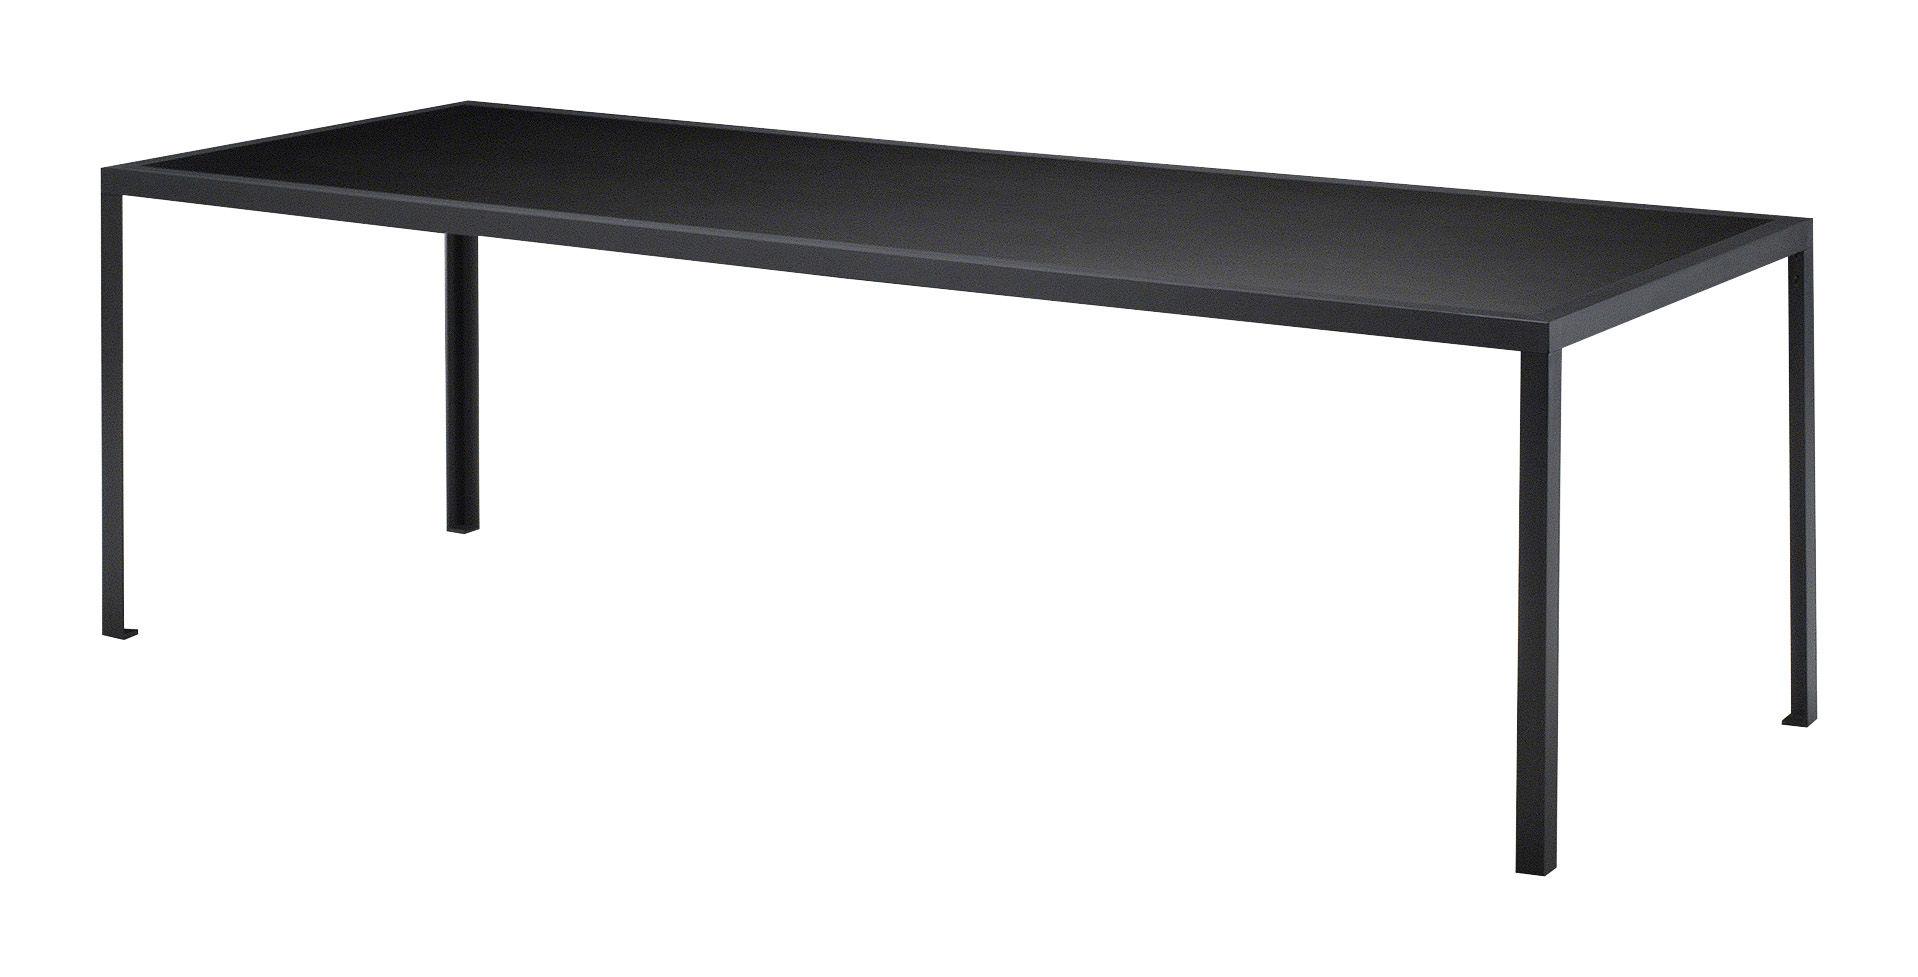 Table rectangulaire Tavolo / 180 x 90 cm - Plateau linoleum - Zeus noir en métal/matière plastique